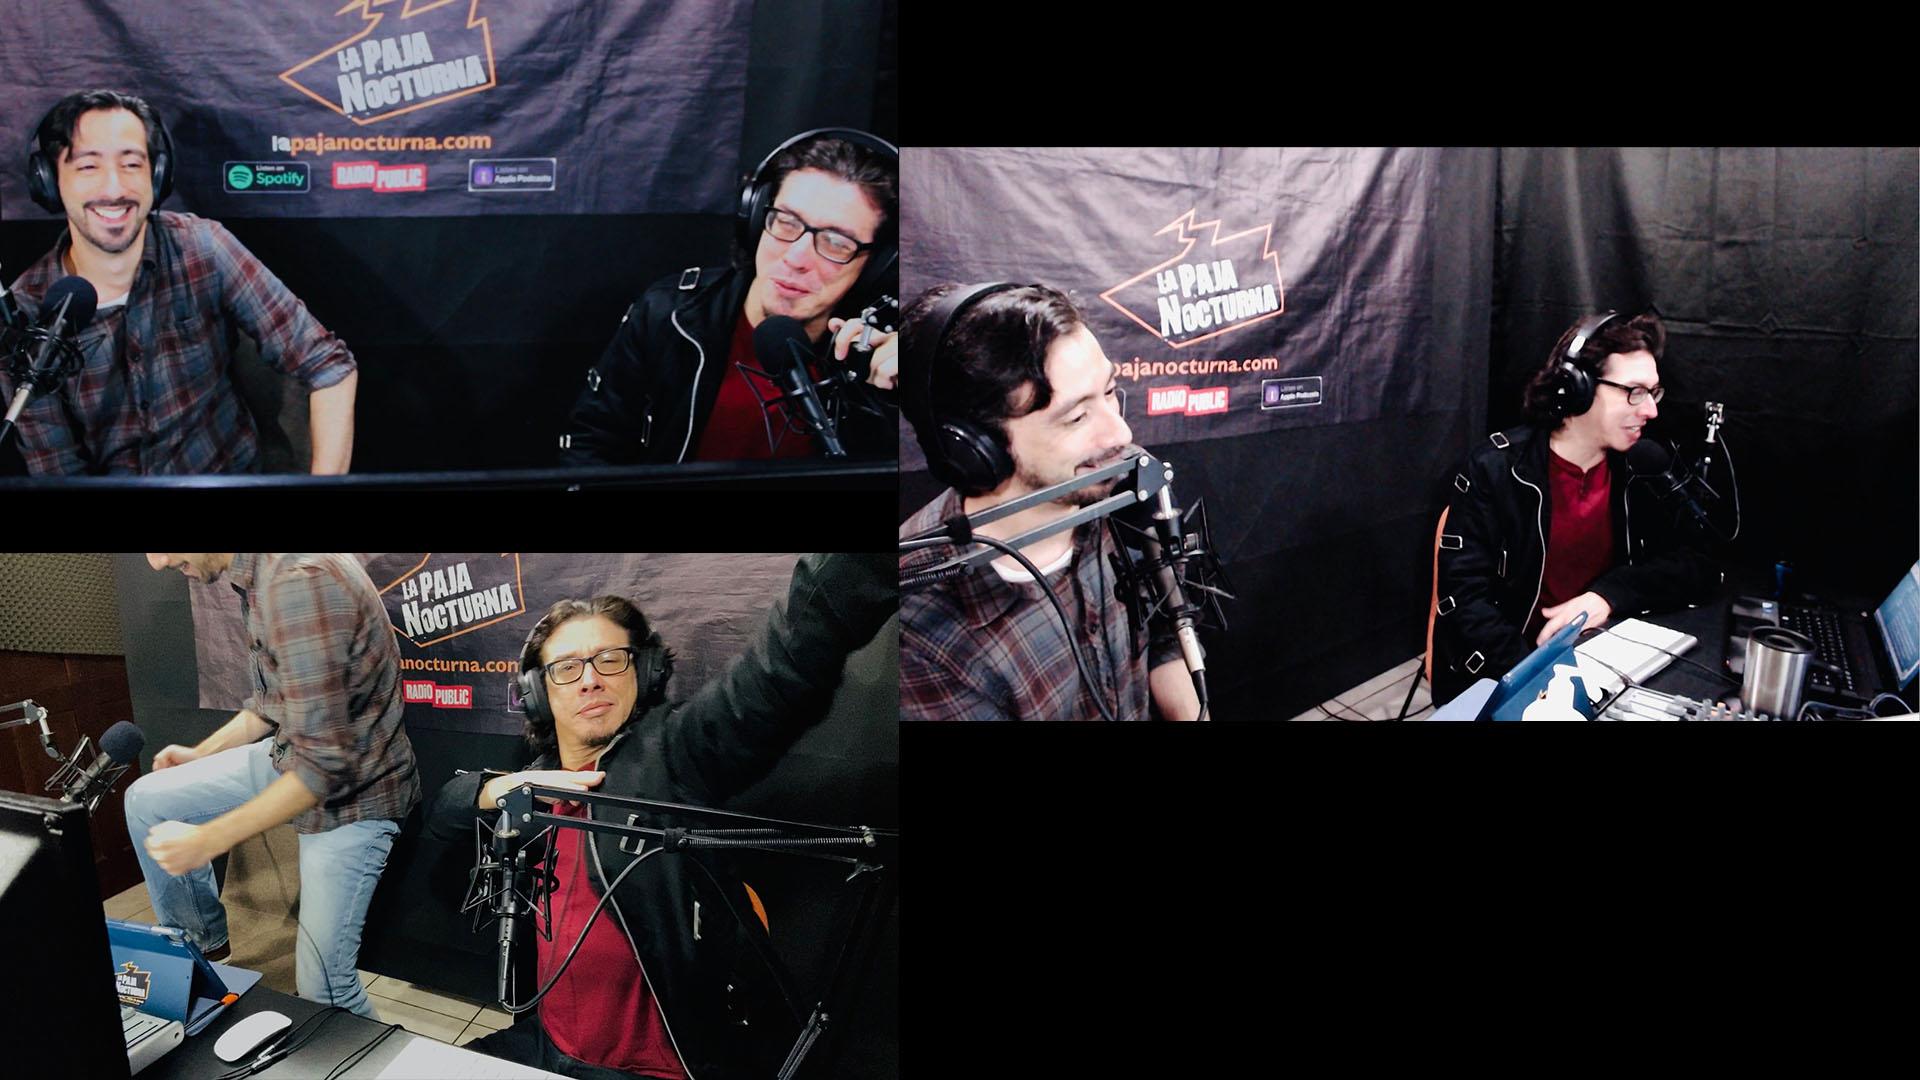 La paja nocturna podcast Episodio 98